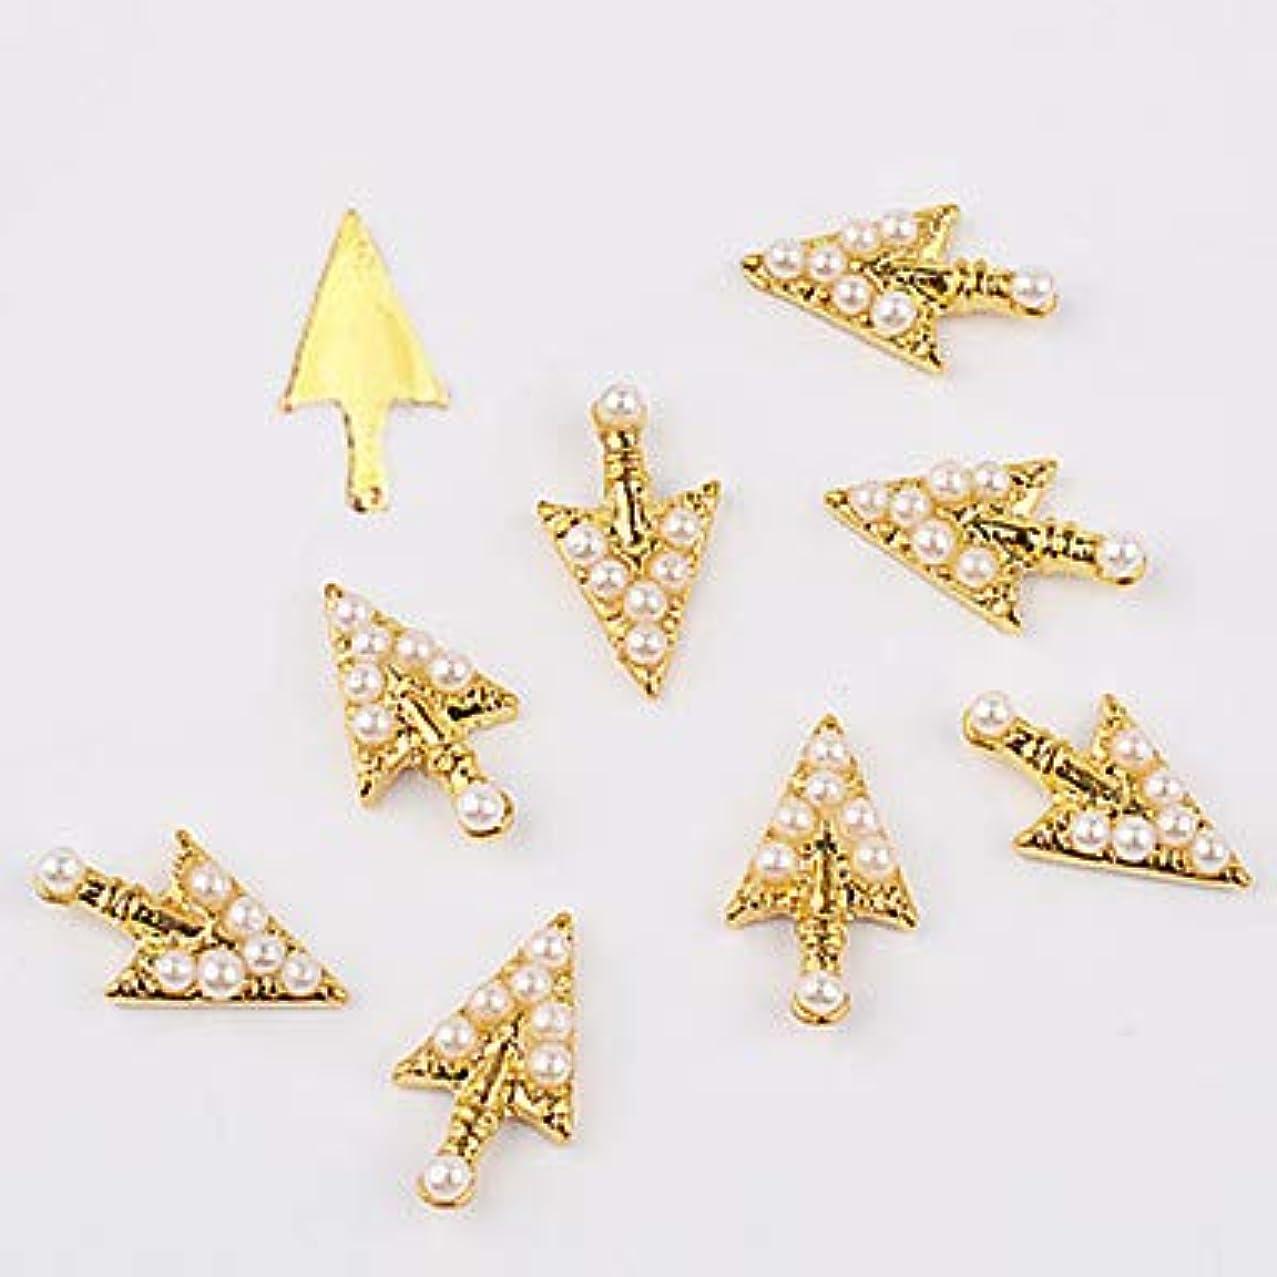 10個の矢印形状合金3DネイルアートデコレーションきらびやかなDIY美少女ラブリーグラマーネイルステッカー